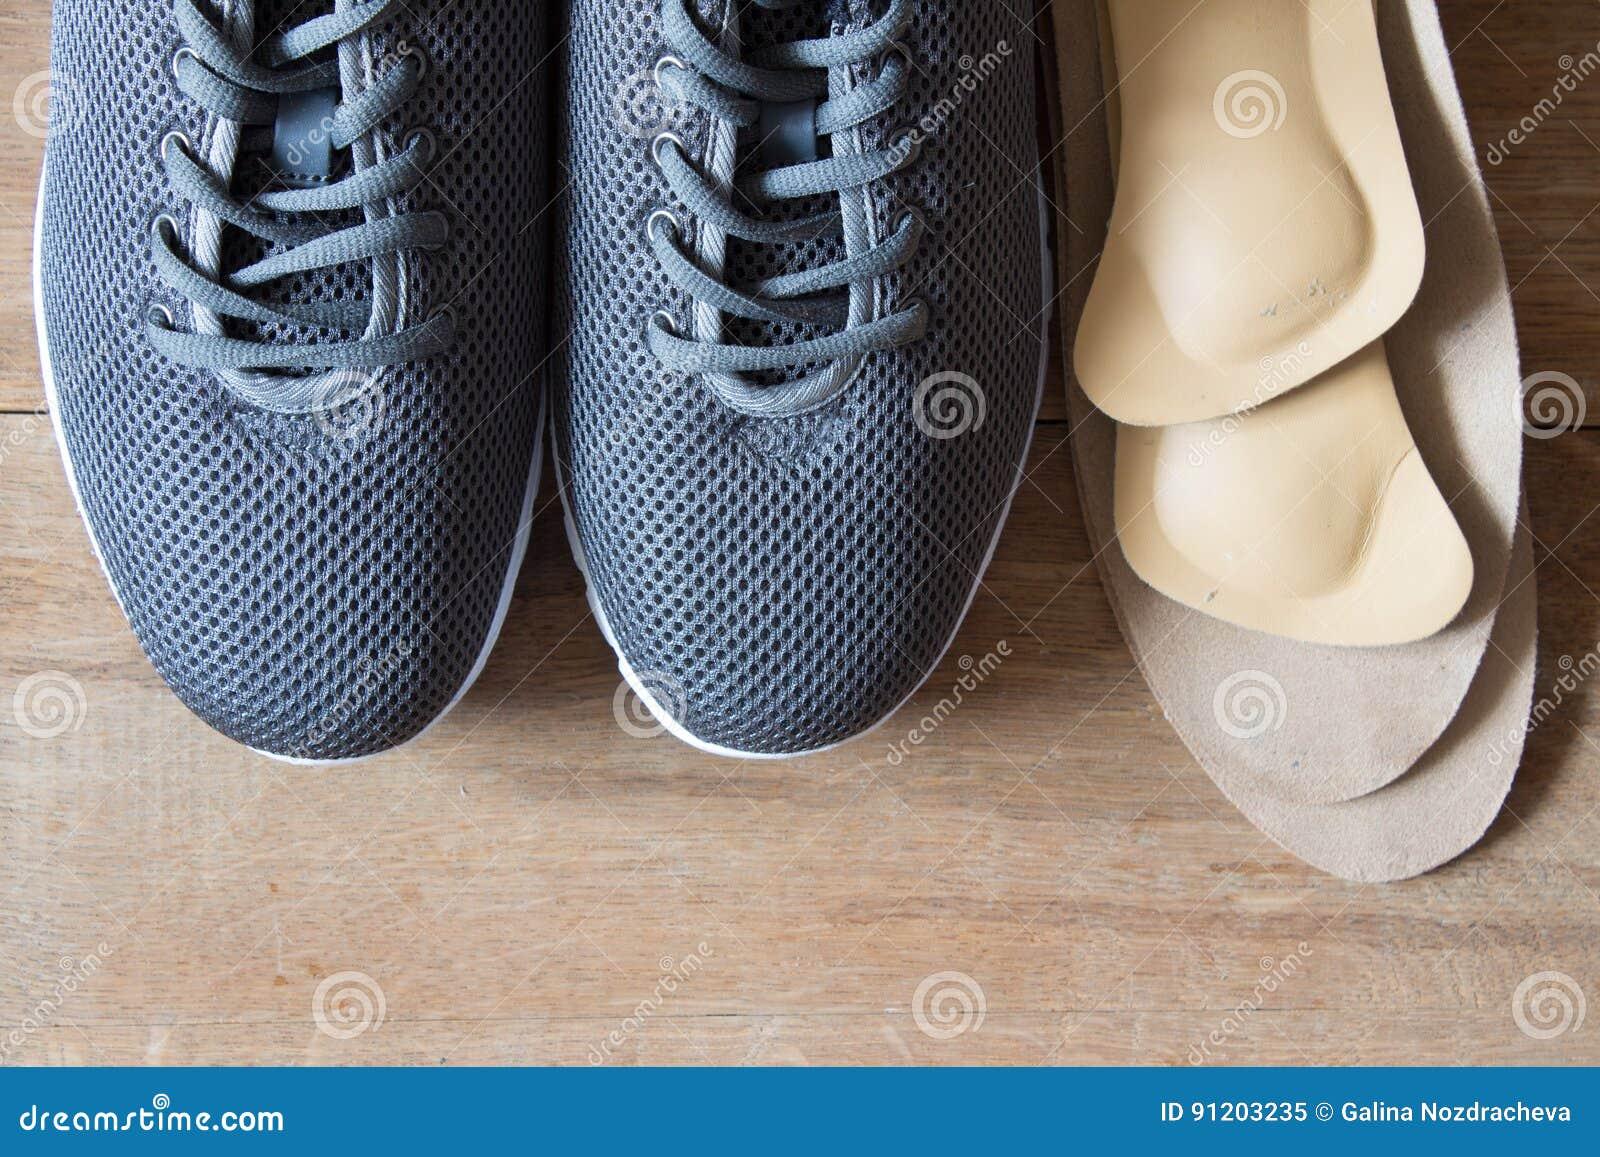 Pares Plantillas Deporte Del Grises Ortopédicas De Zapatos Con Las kiuPXZO